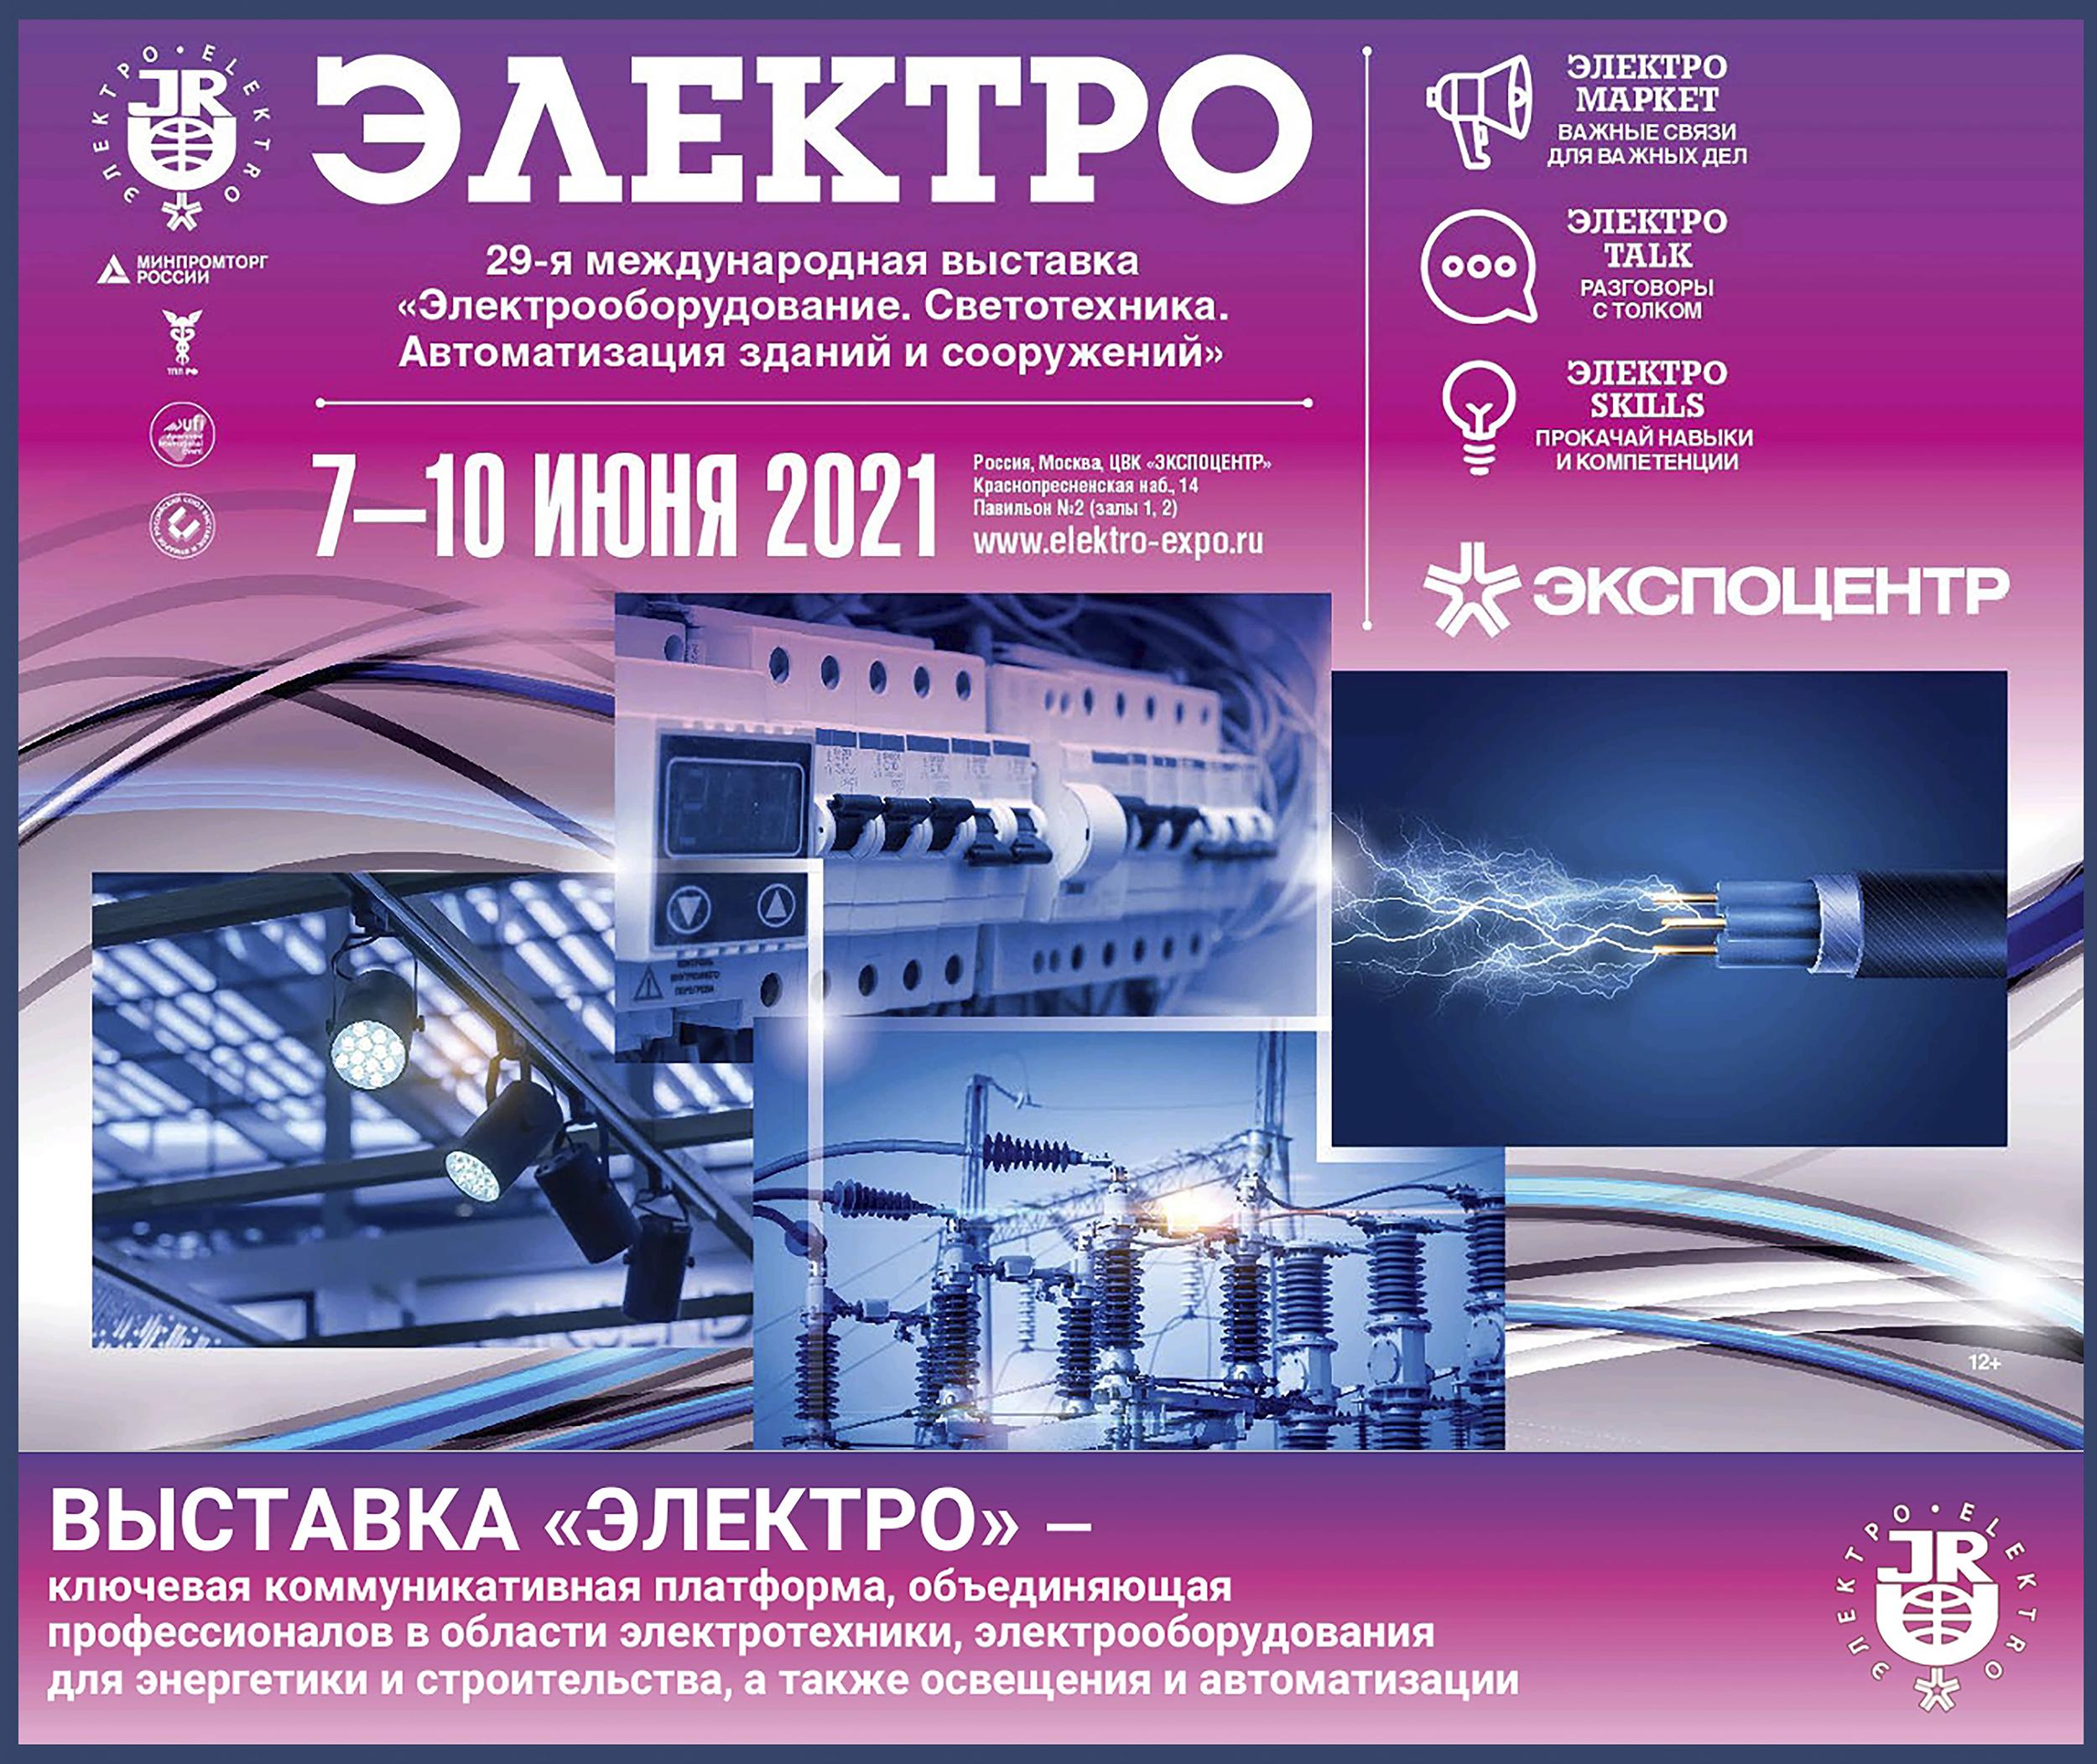 29-я международная специализированная выставка «ЭЛЕКТРО-2021»